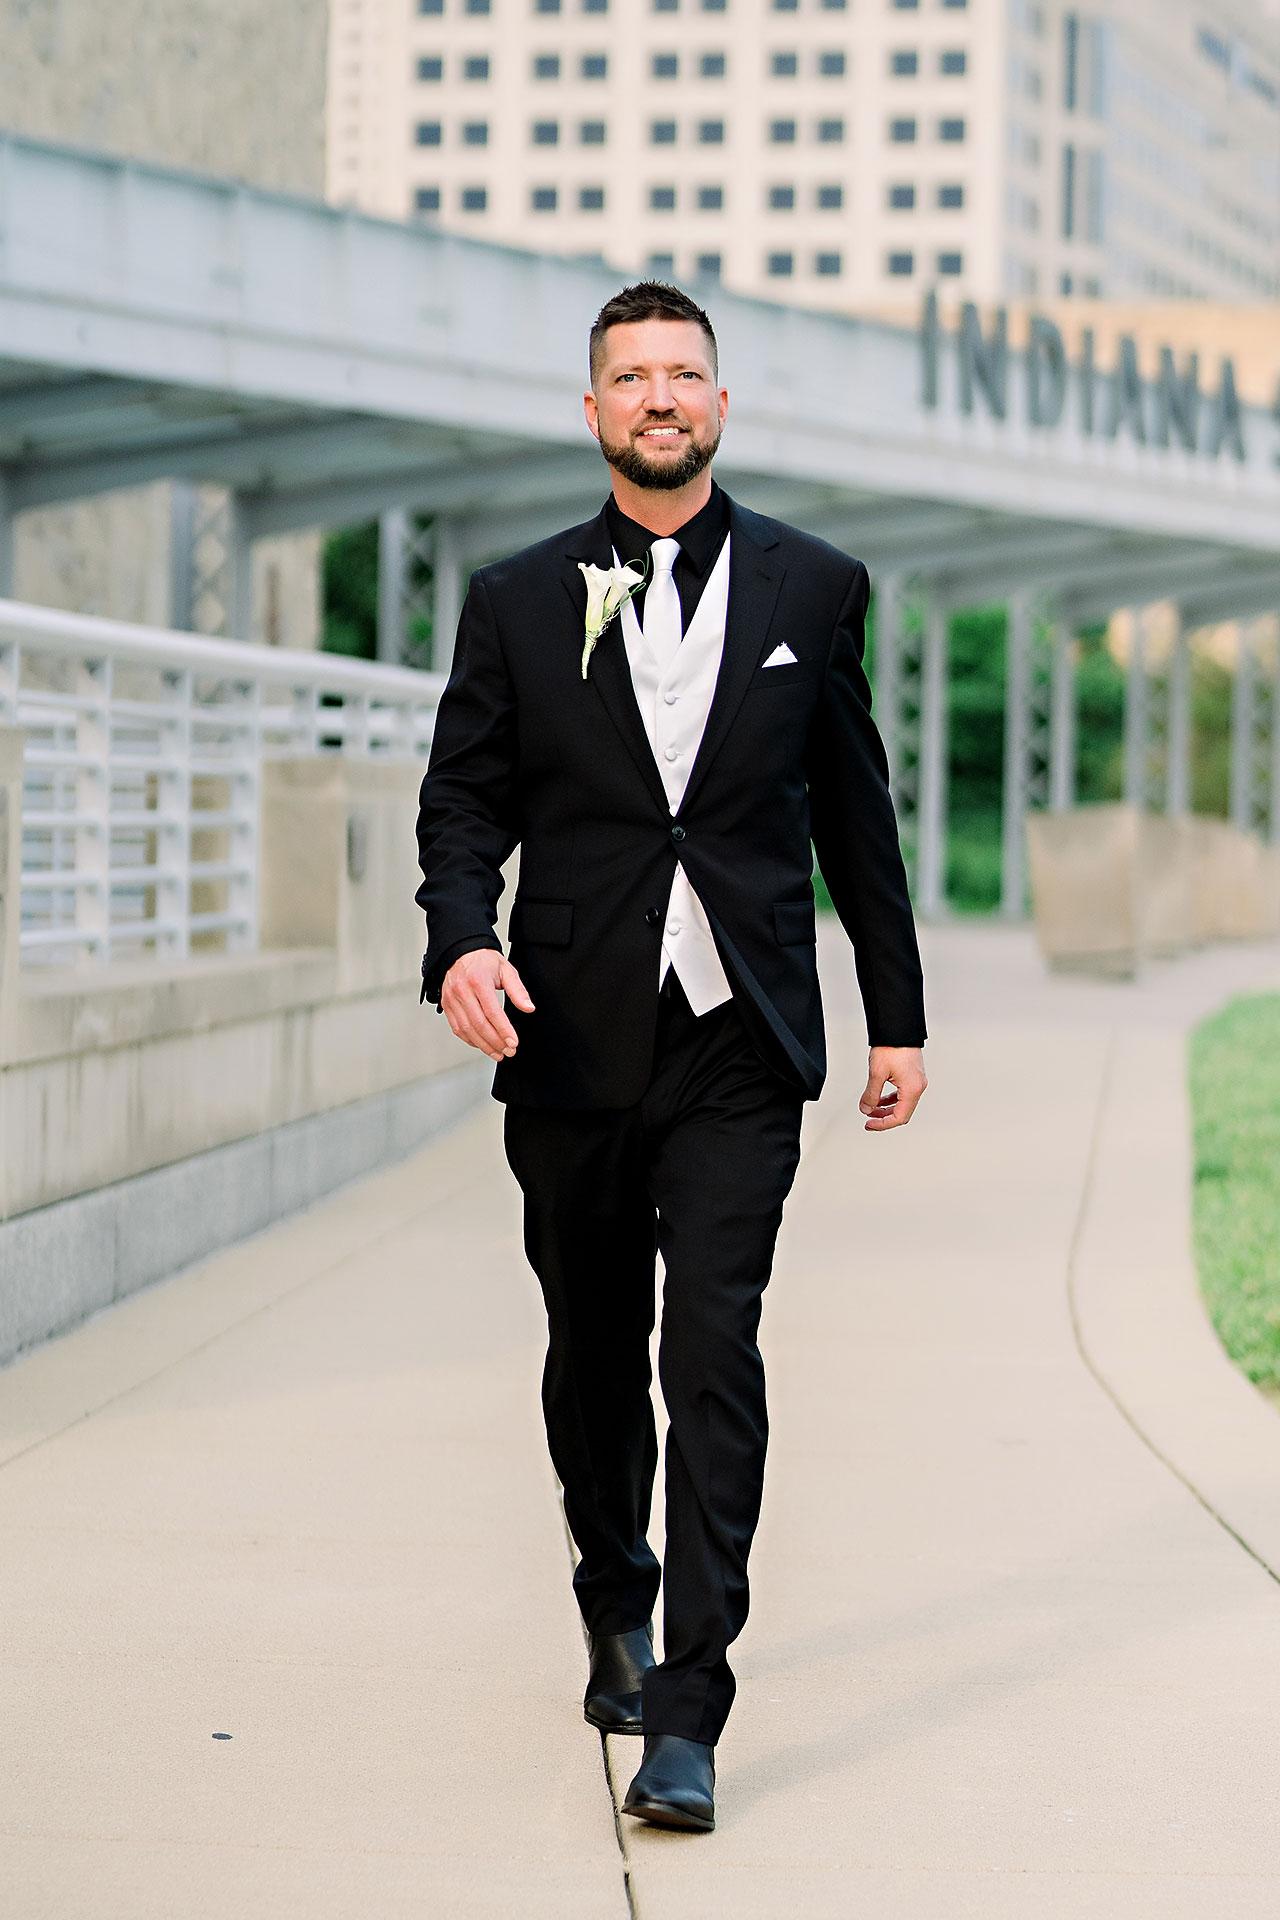 Megan Kyle Crane Bay Indianapolis Wedding 183